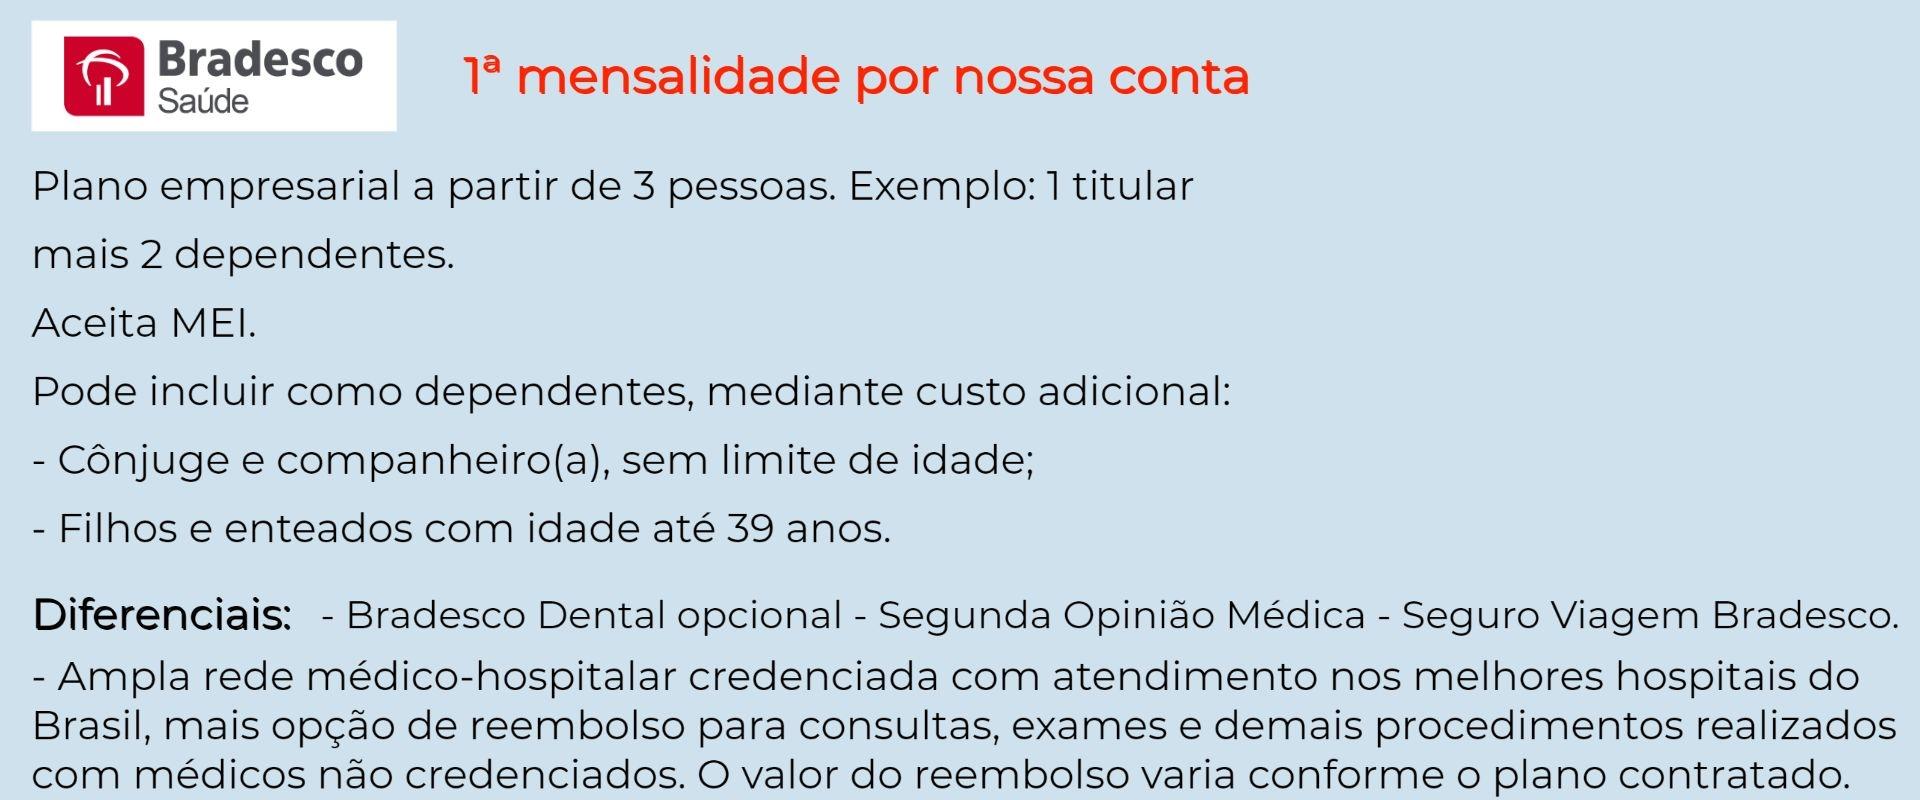 Bradesco Saúde Empresarial - Taubaté